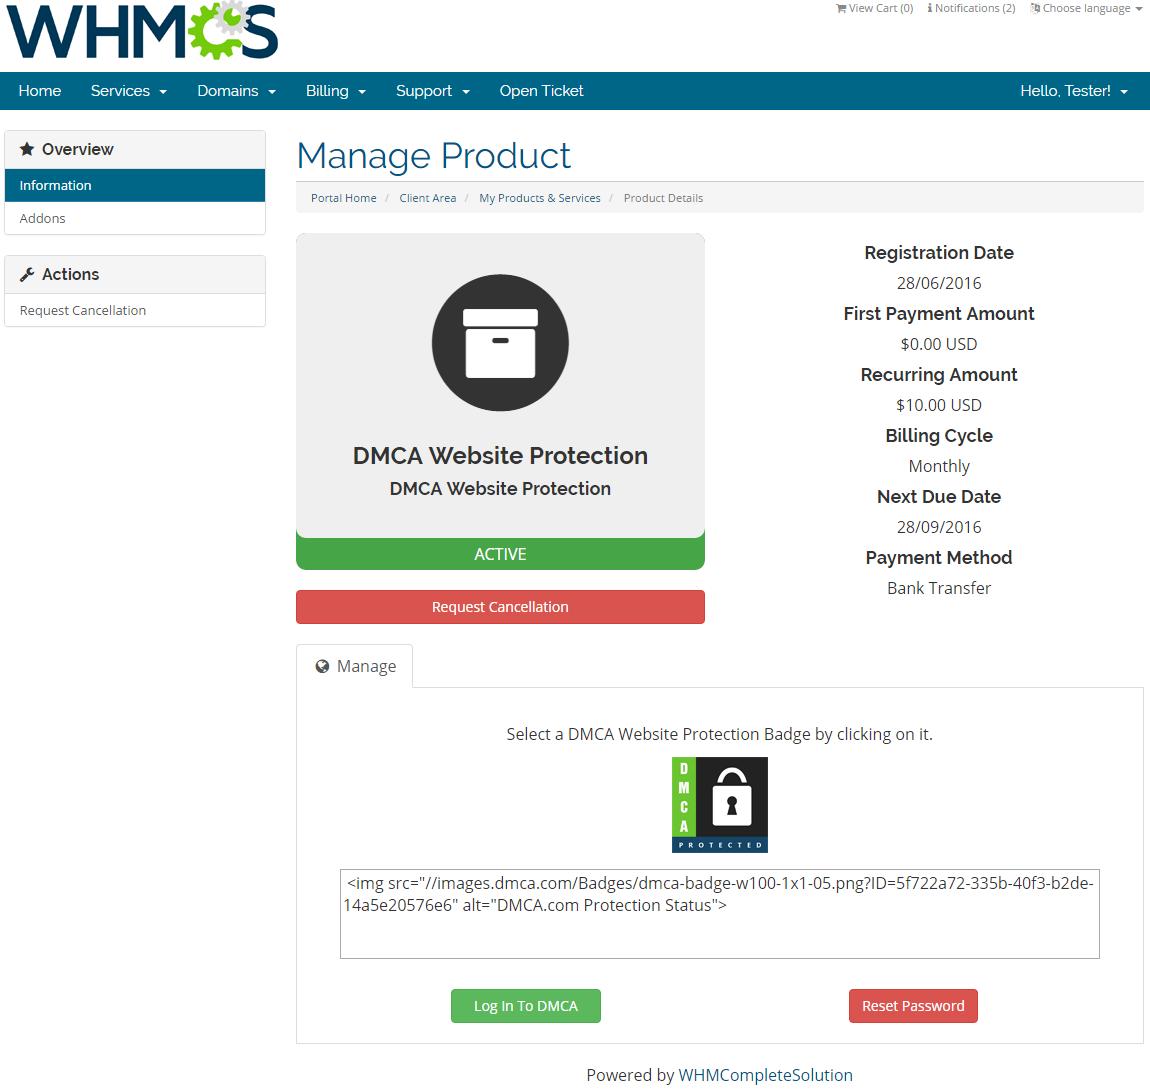 DMCA.com For WHMCS: Screen 3